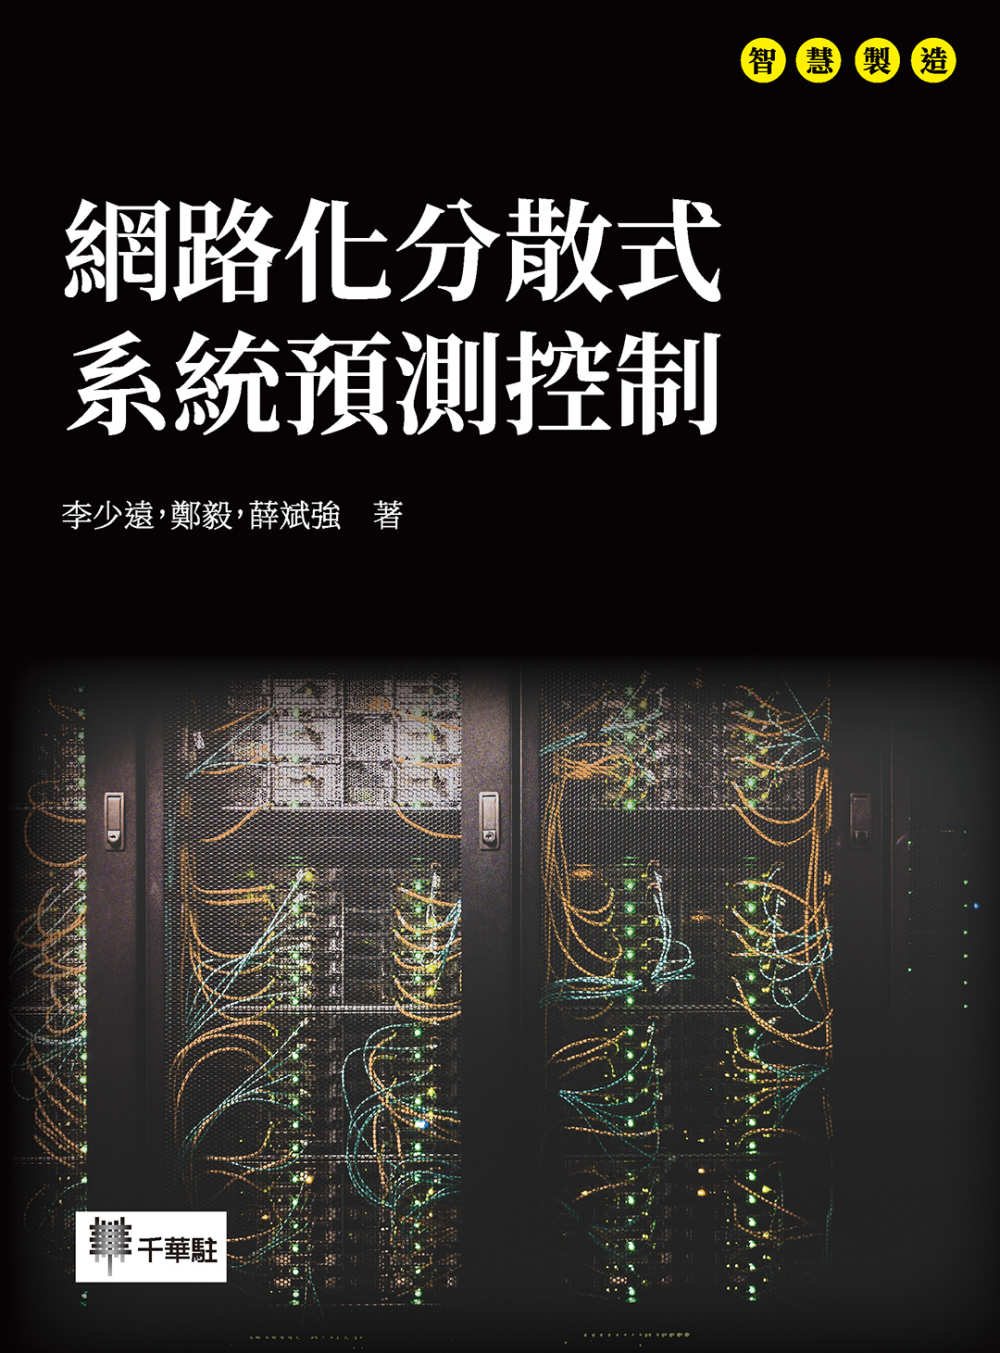 網路化分散式系統預測控制